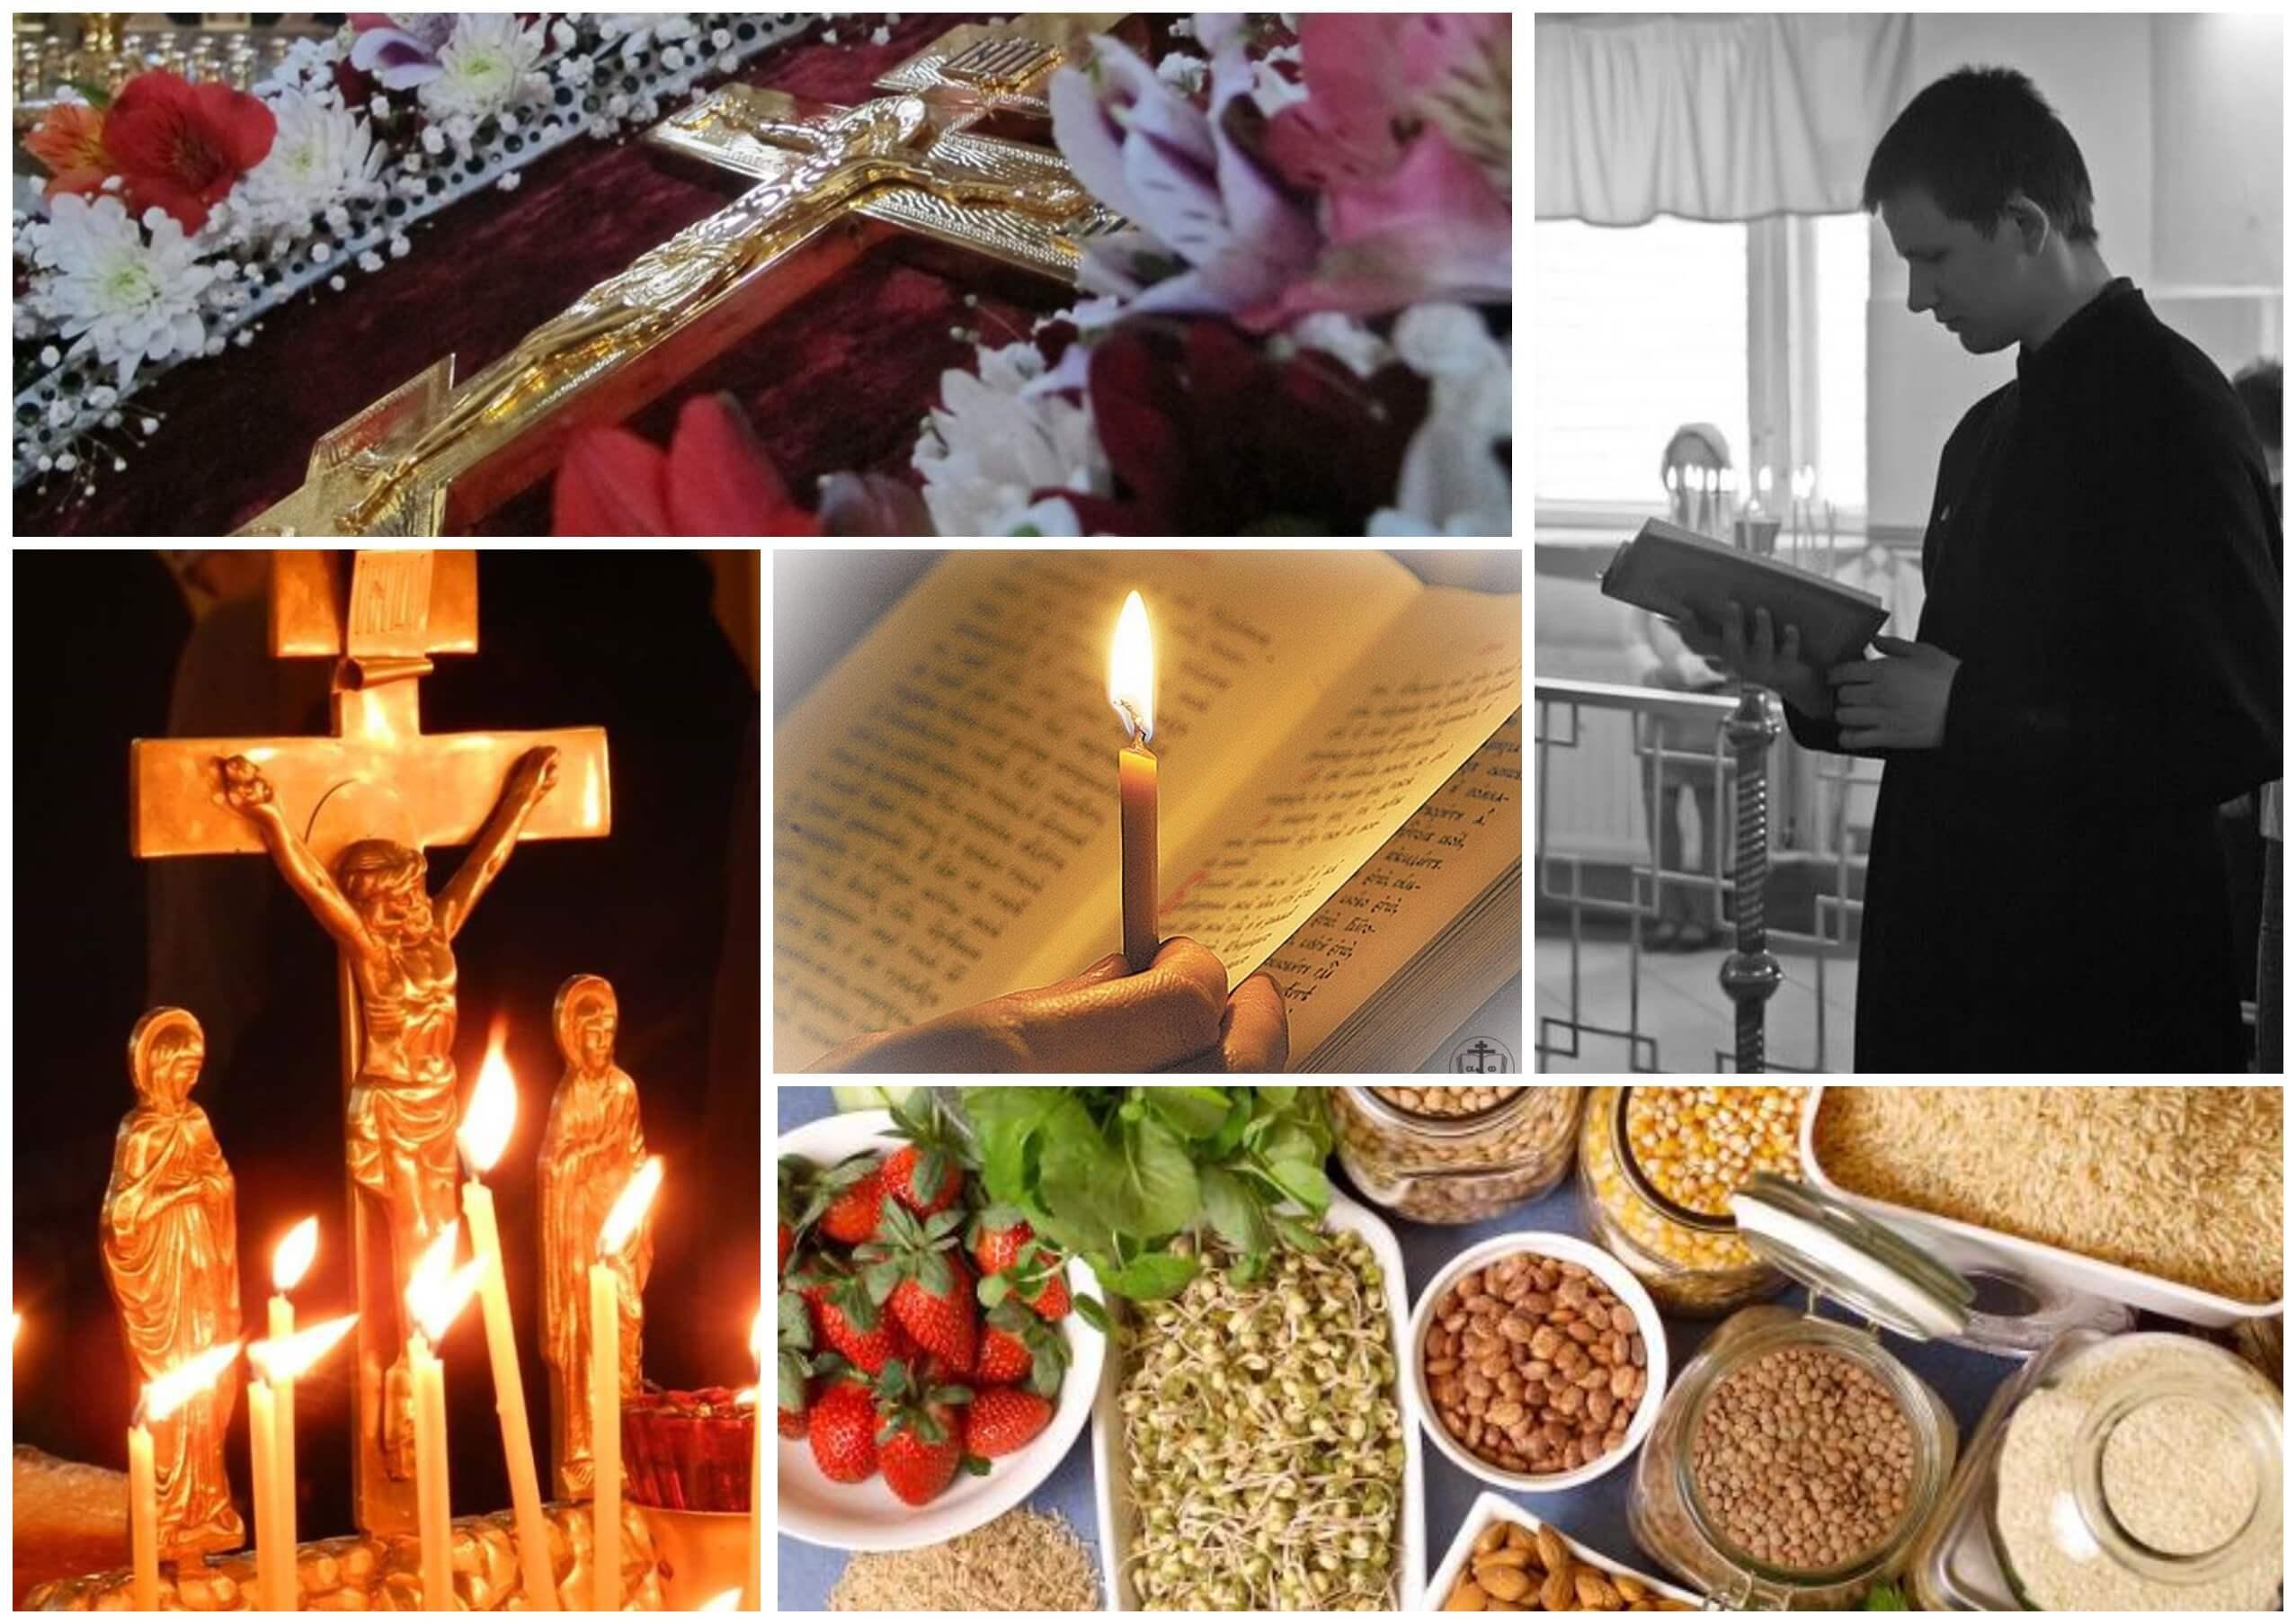 На фото изображены кресты с распятием, горящие свечи, постная еда.